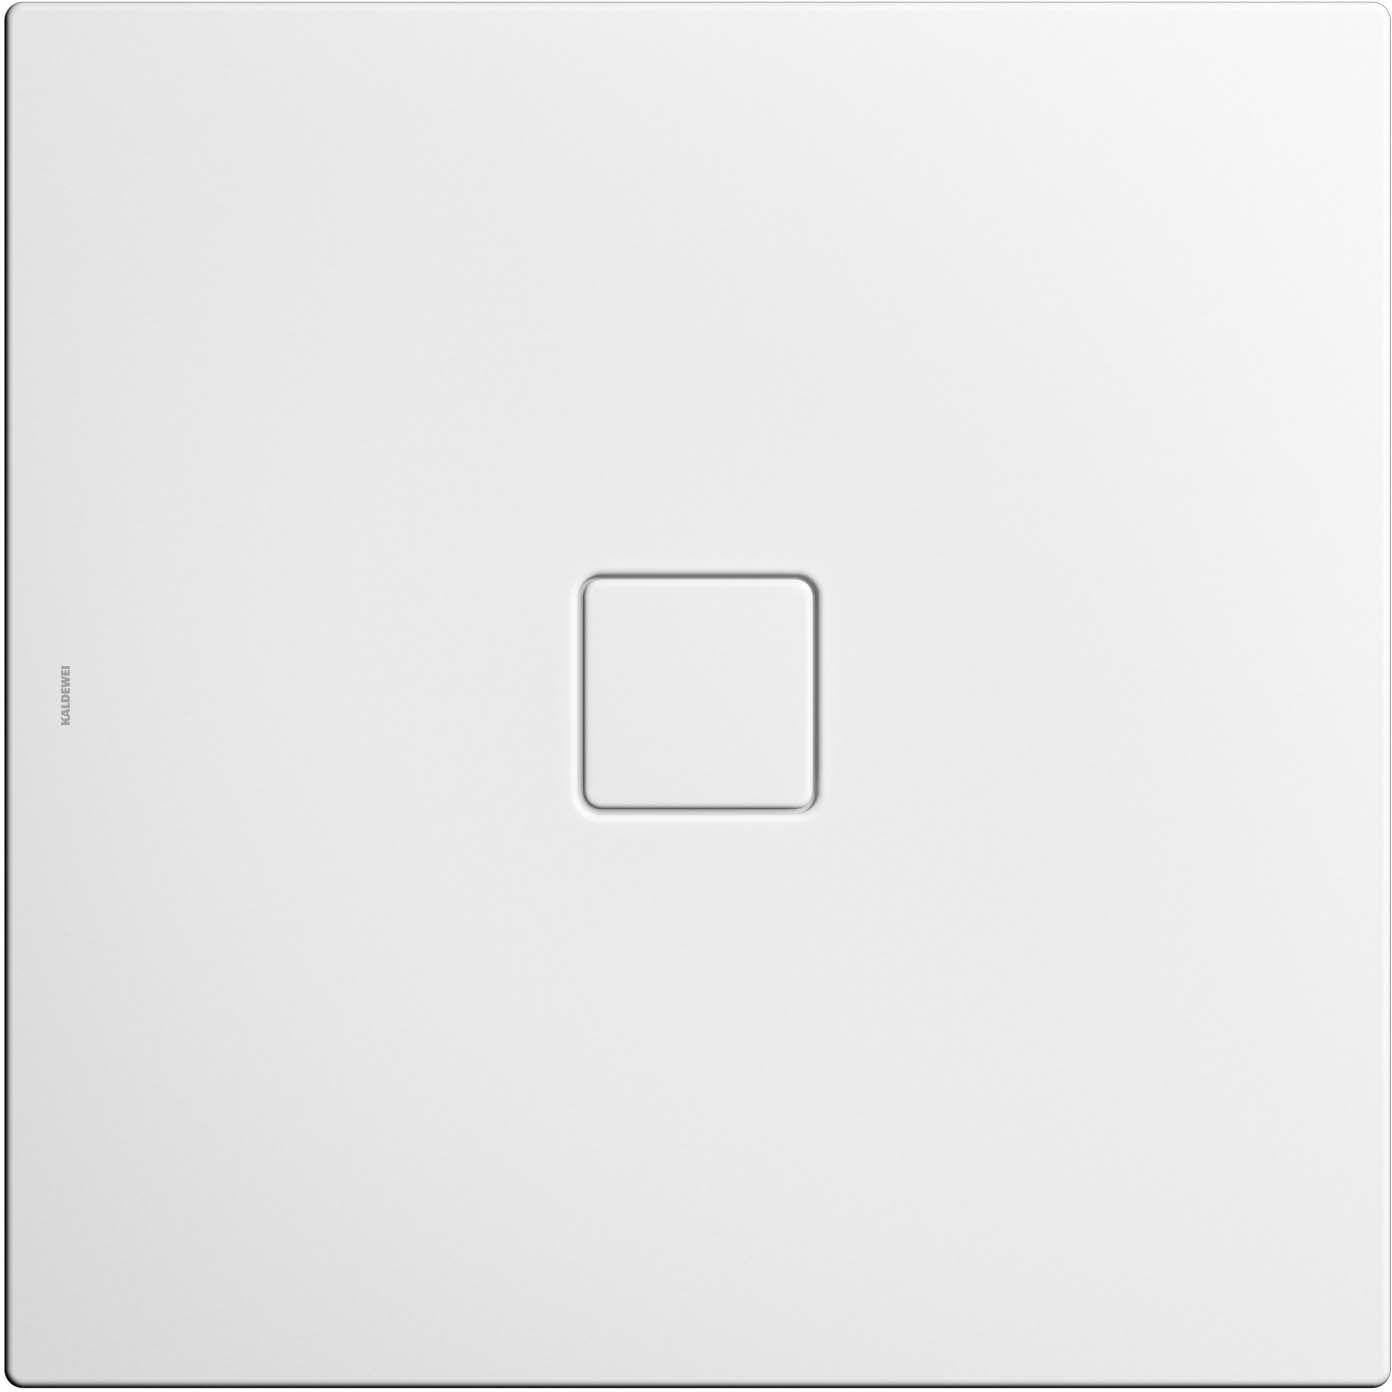 Kaldewei Conoflat Duschfläche 20 20 x 20 cm, weiss ...